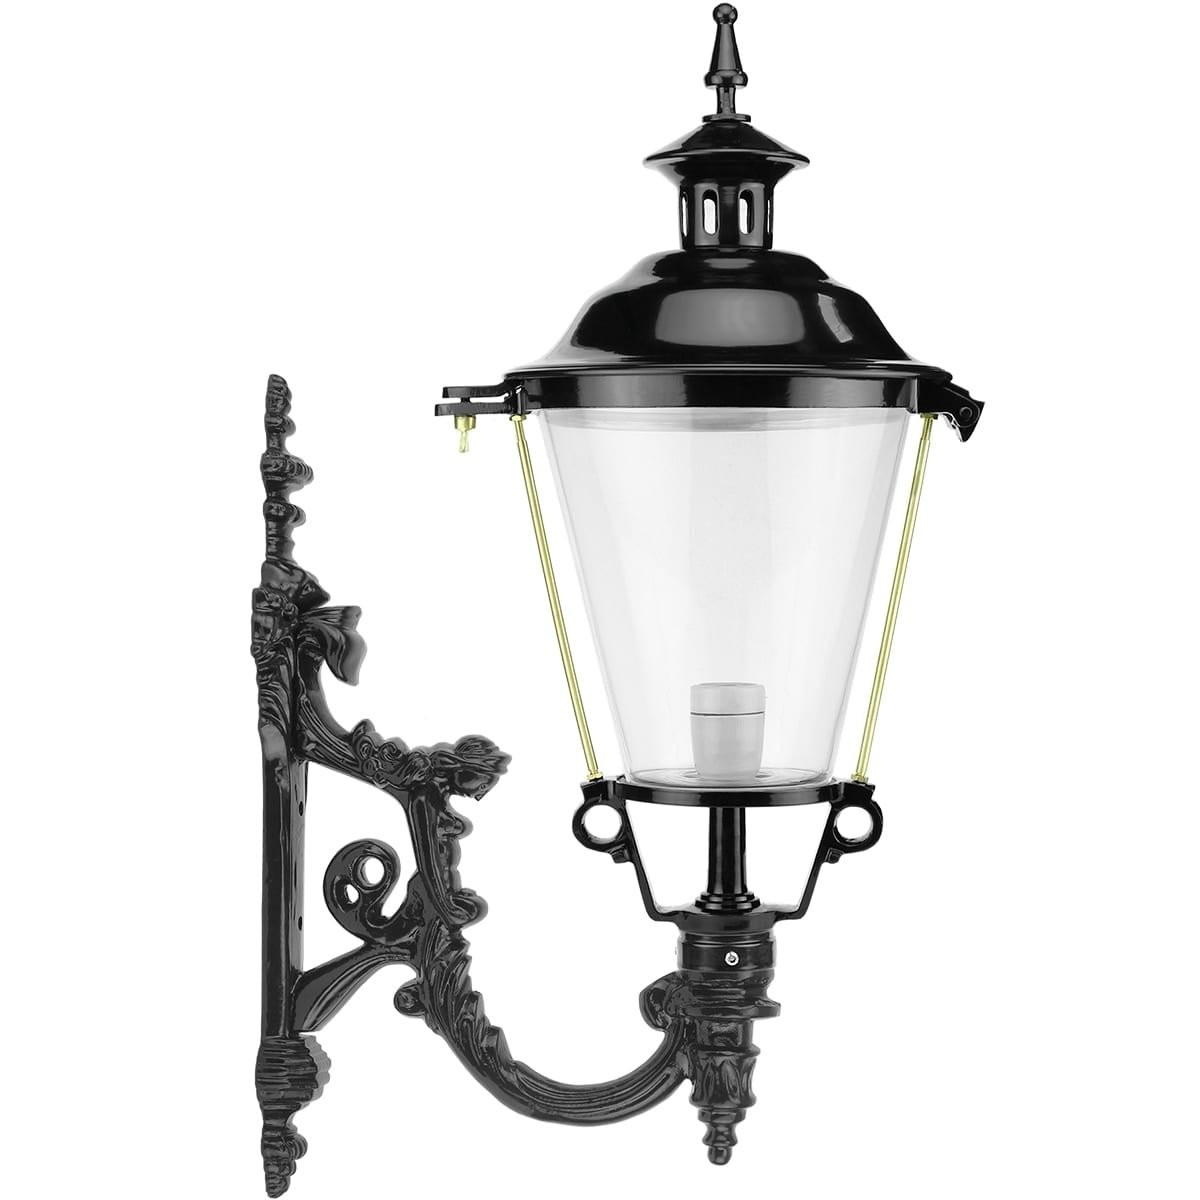 Außenbeleuchtung Klassisch Ländlich Wandlaterne Außen Sassenheim - 83 cm